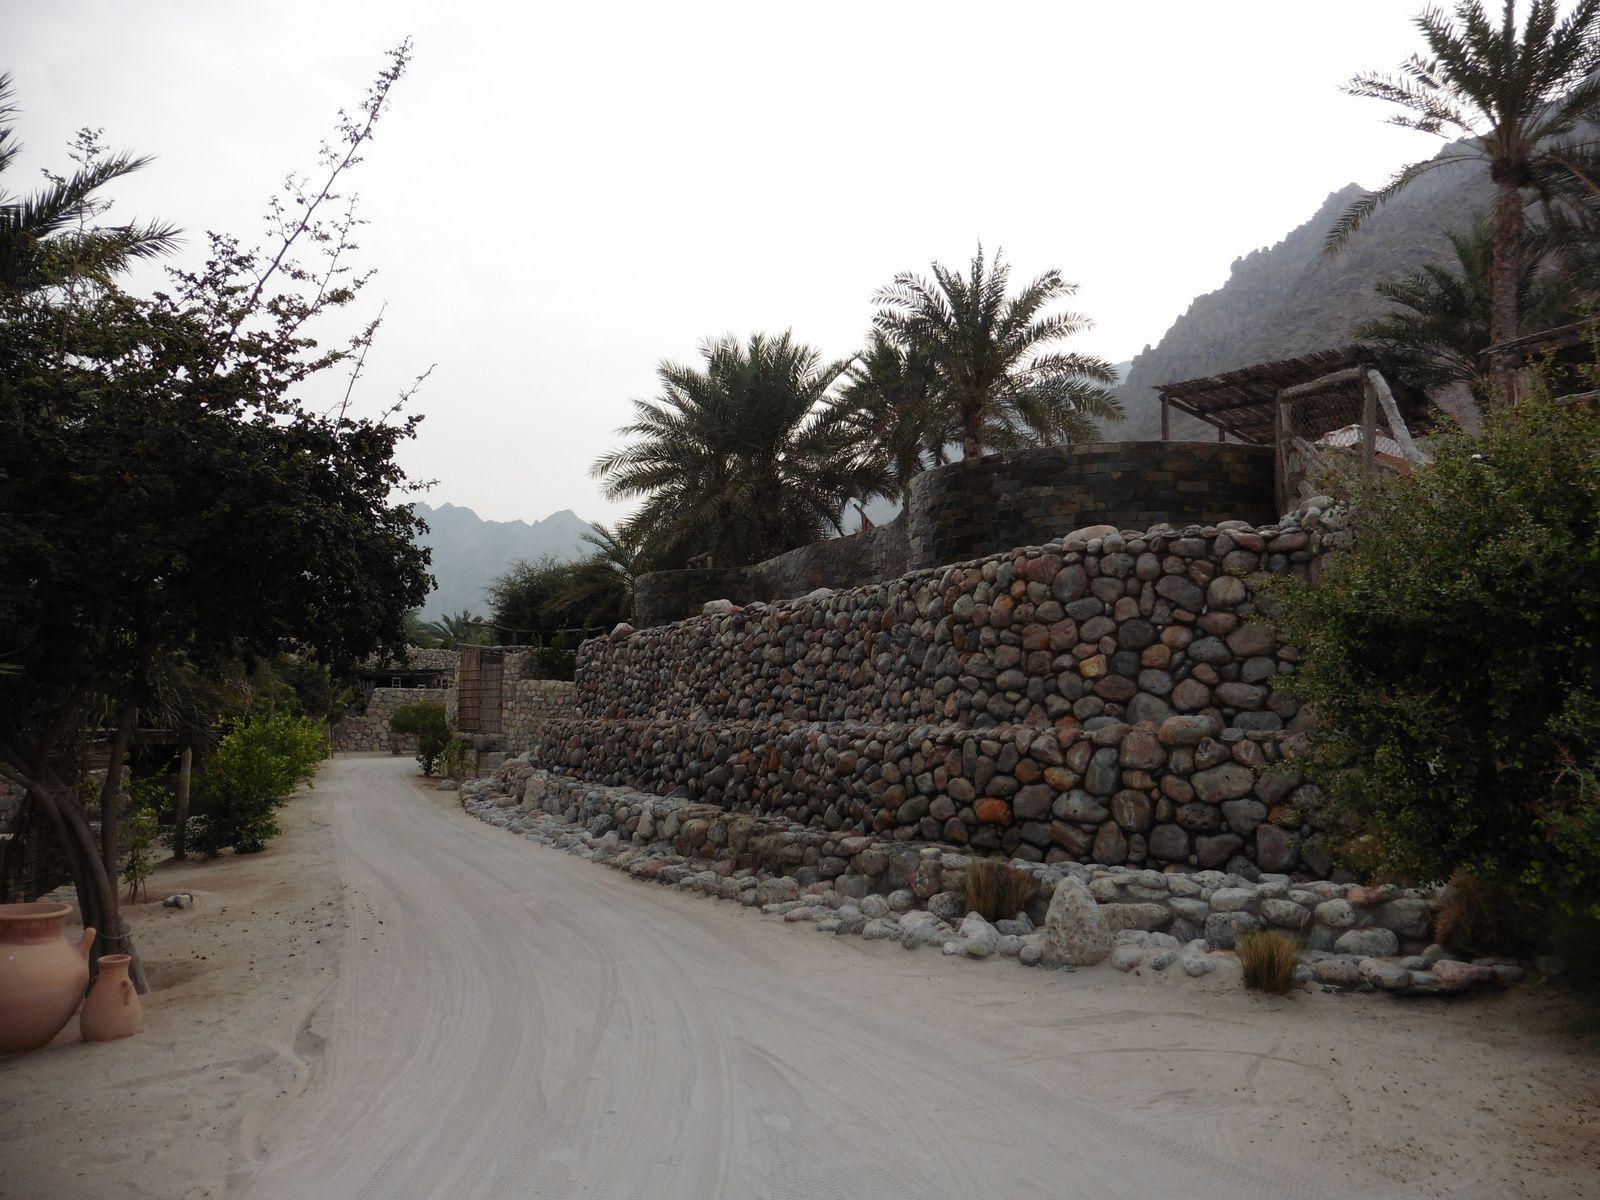 Selon la légende, Sindbad le Marin vécut à Sohar, au dixième siècle, dans le nord omanais.